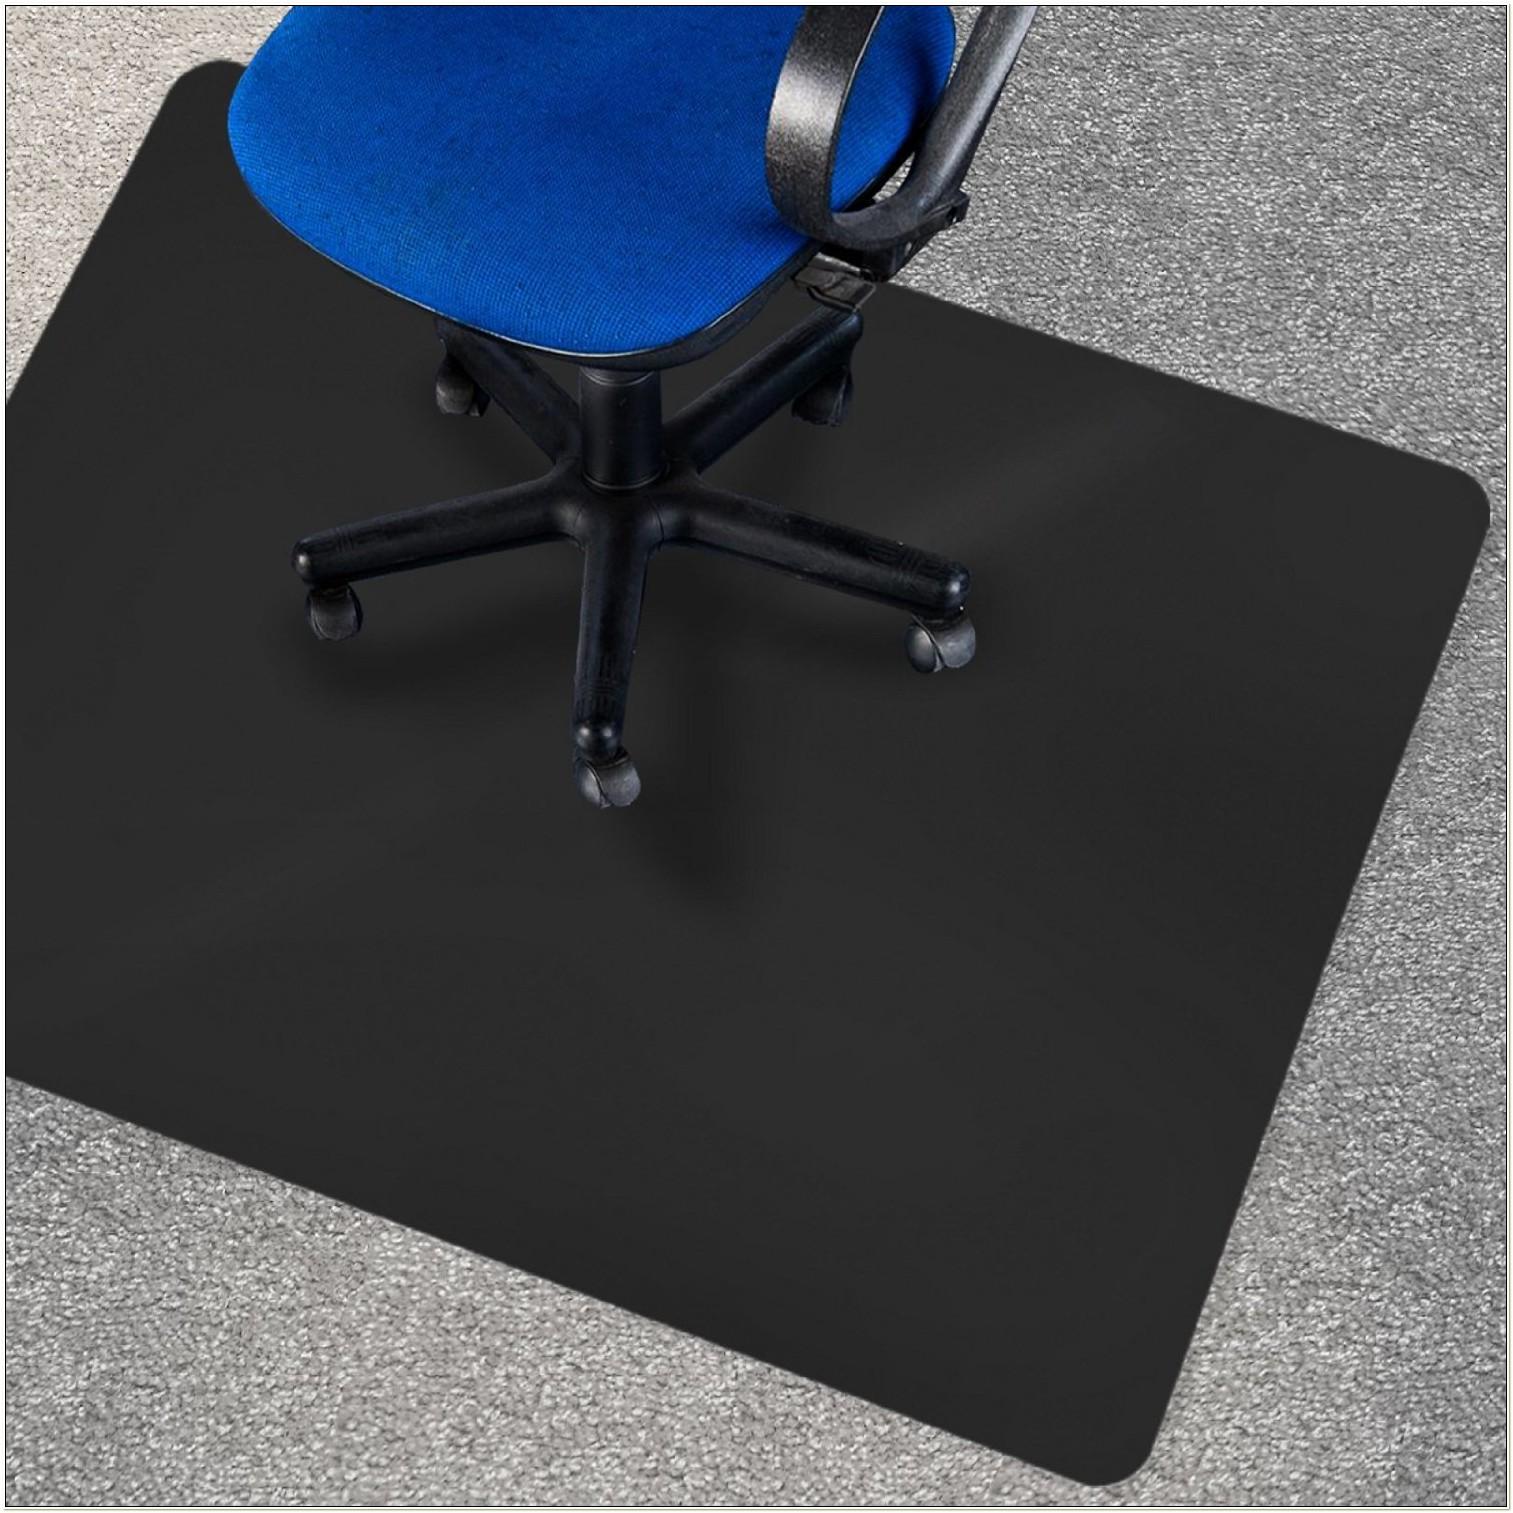 Rubber Chair Mat For Carpet